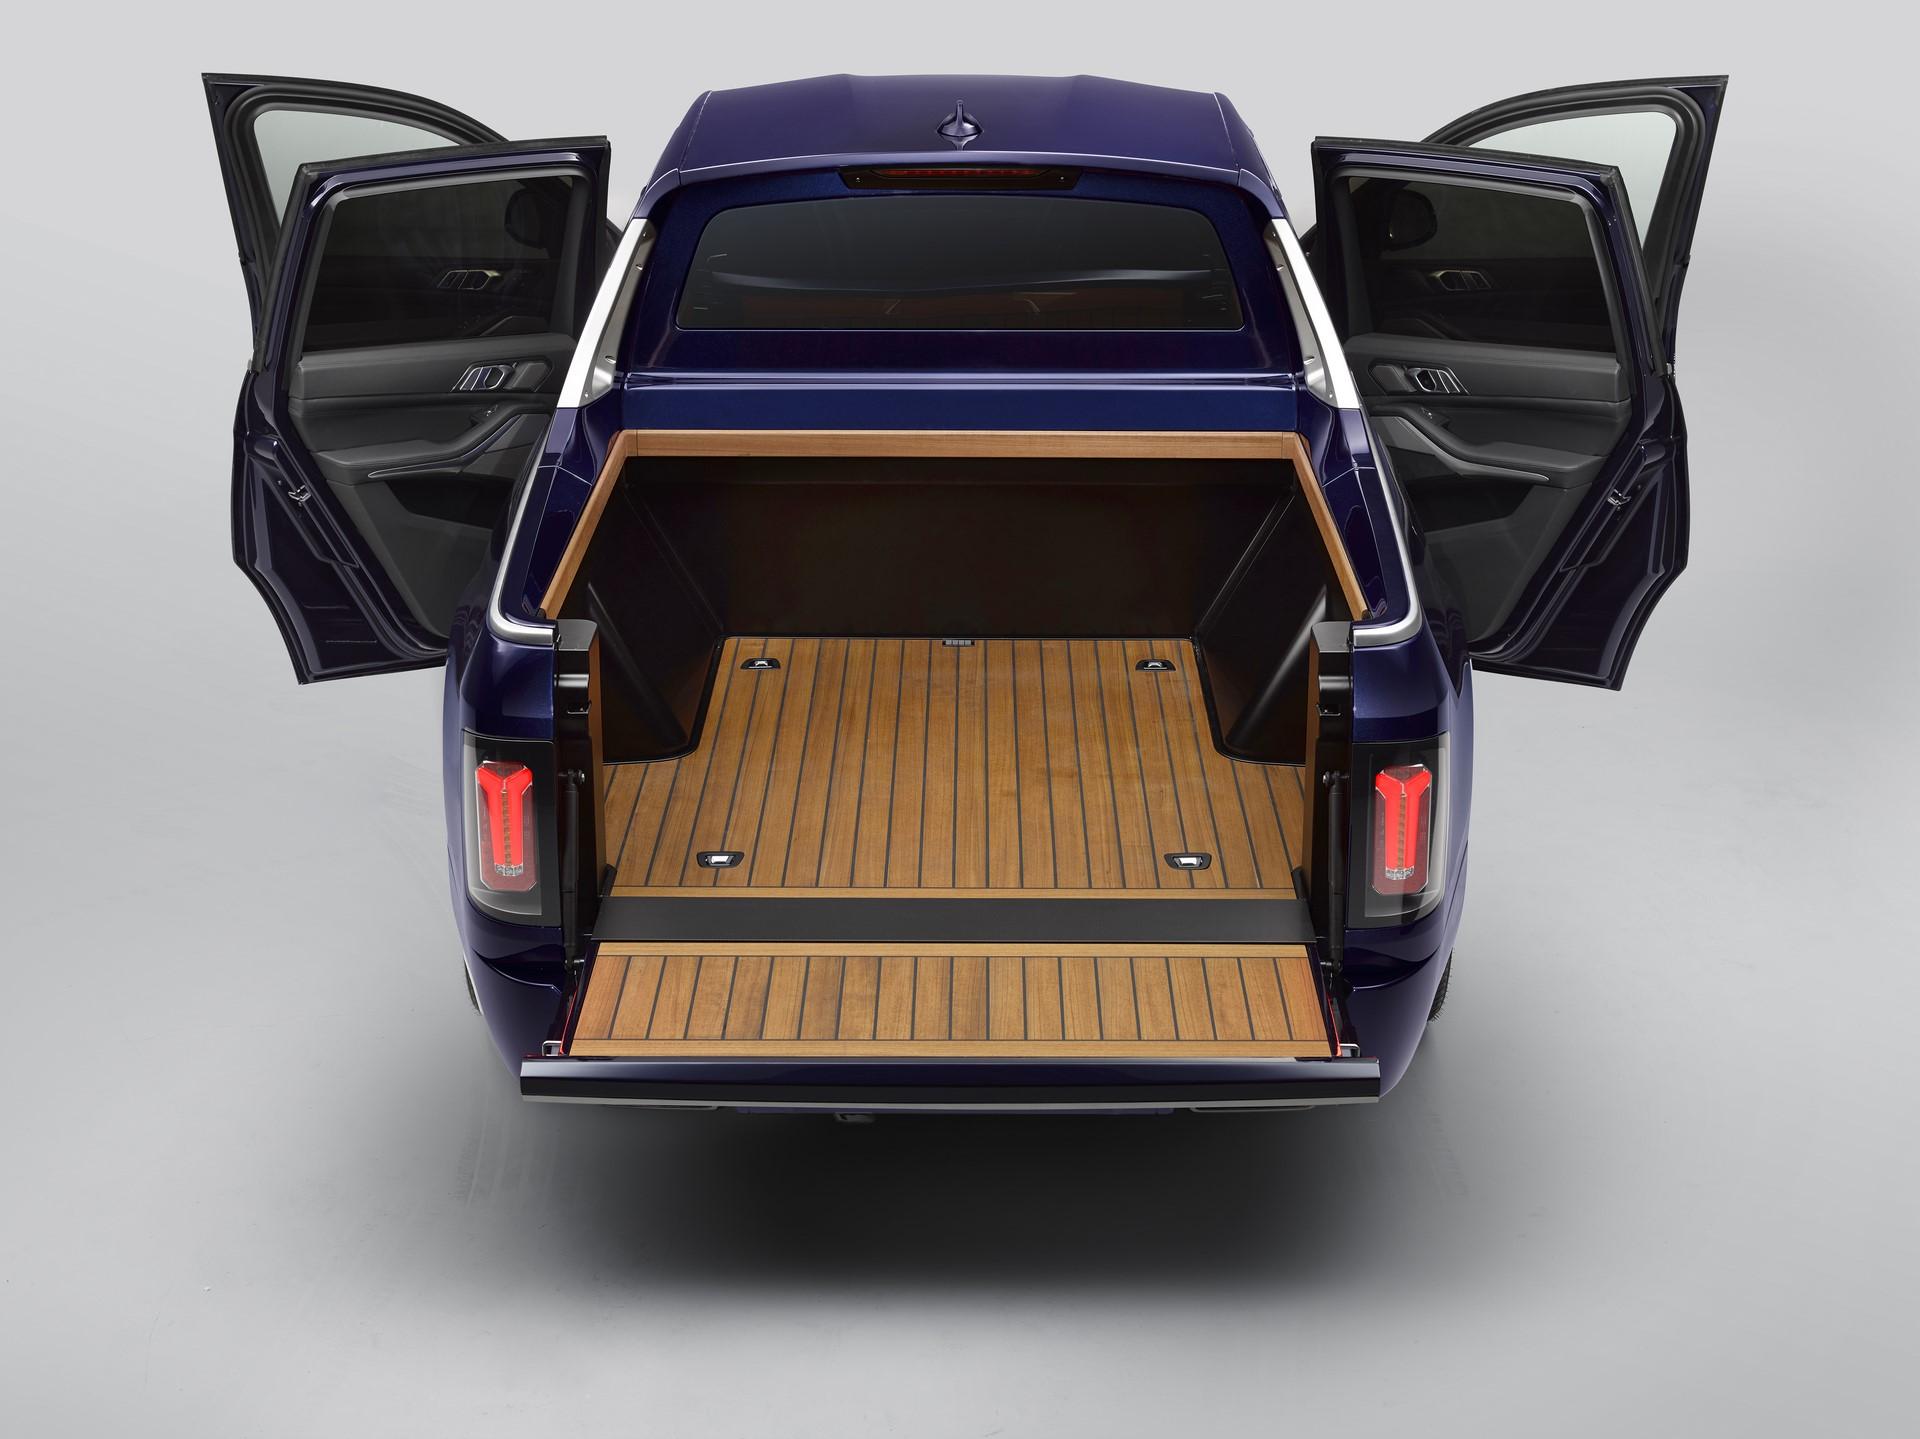 BMW-X7-Pickup-11